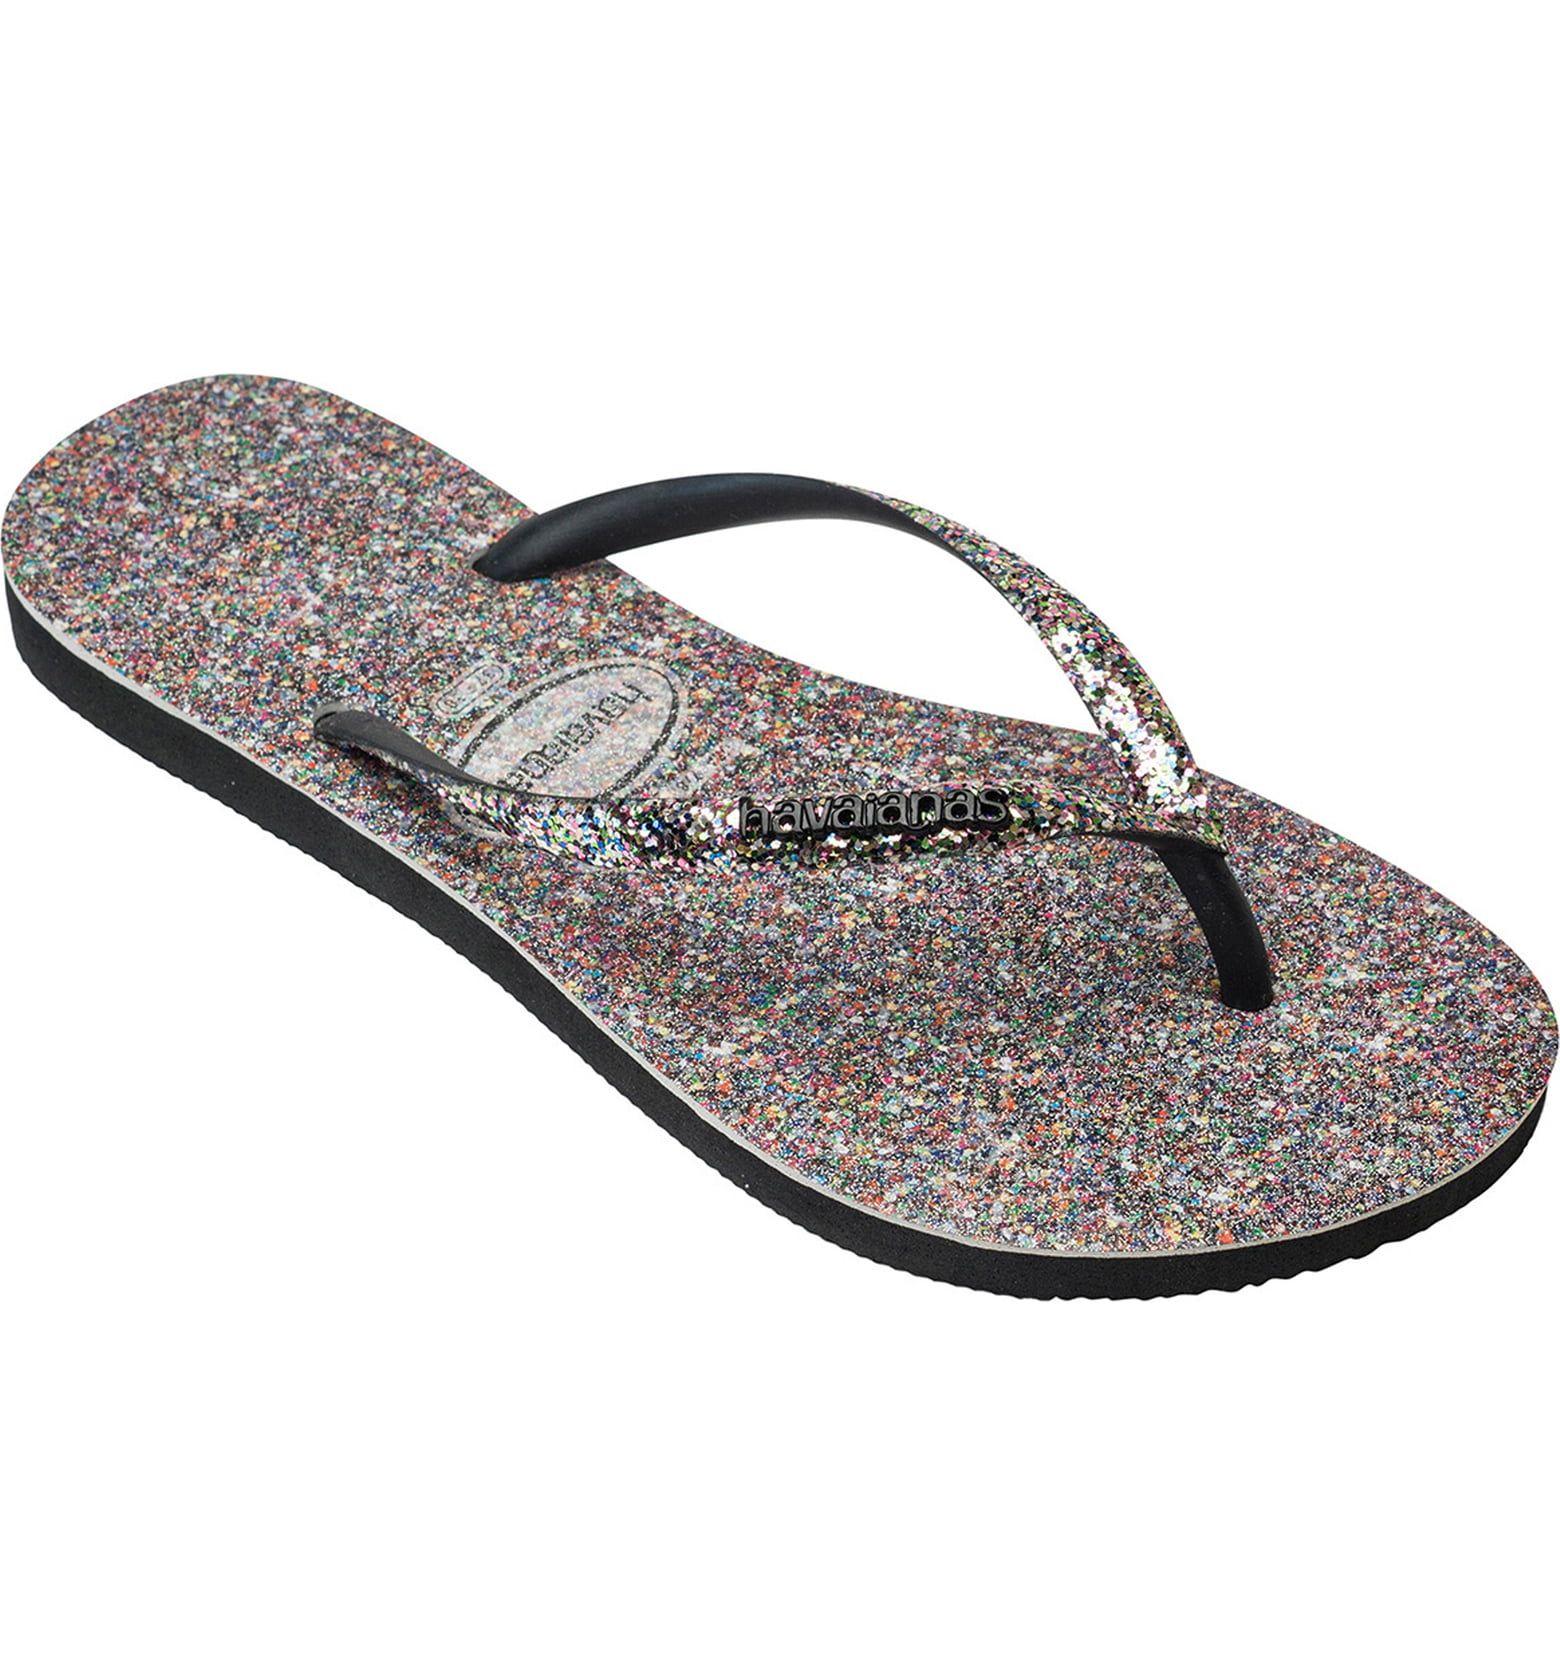 slimming flip flops)